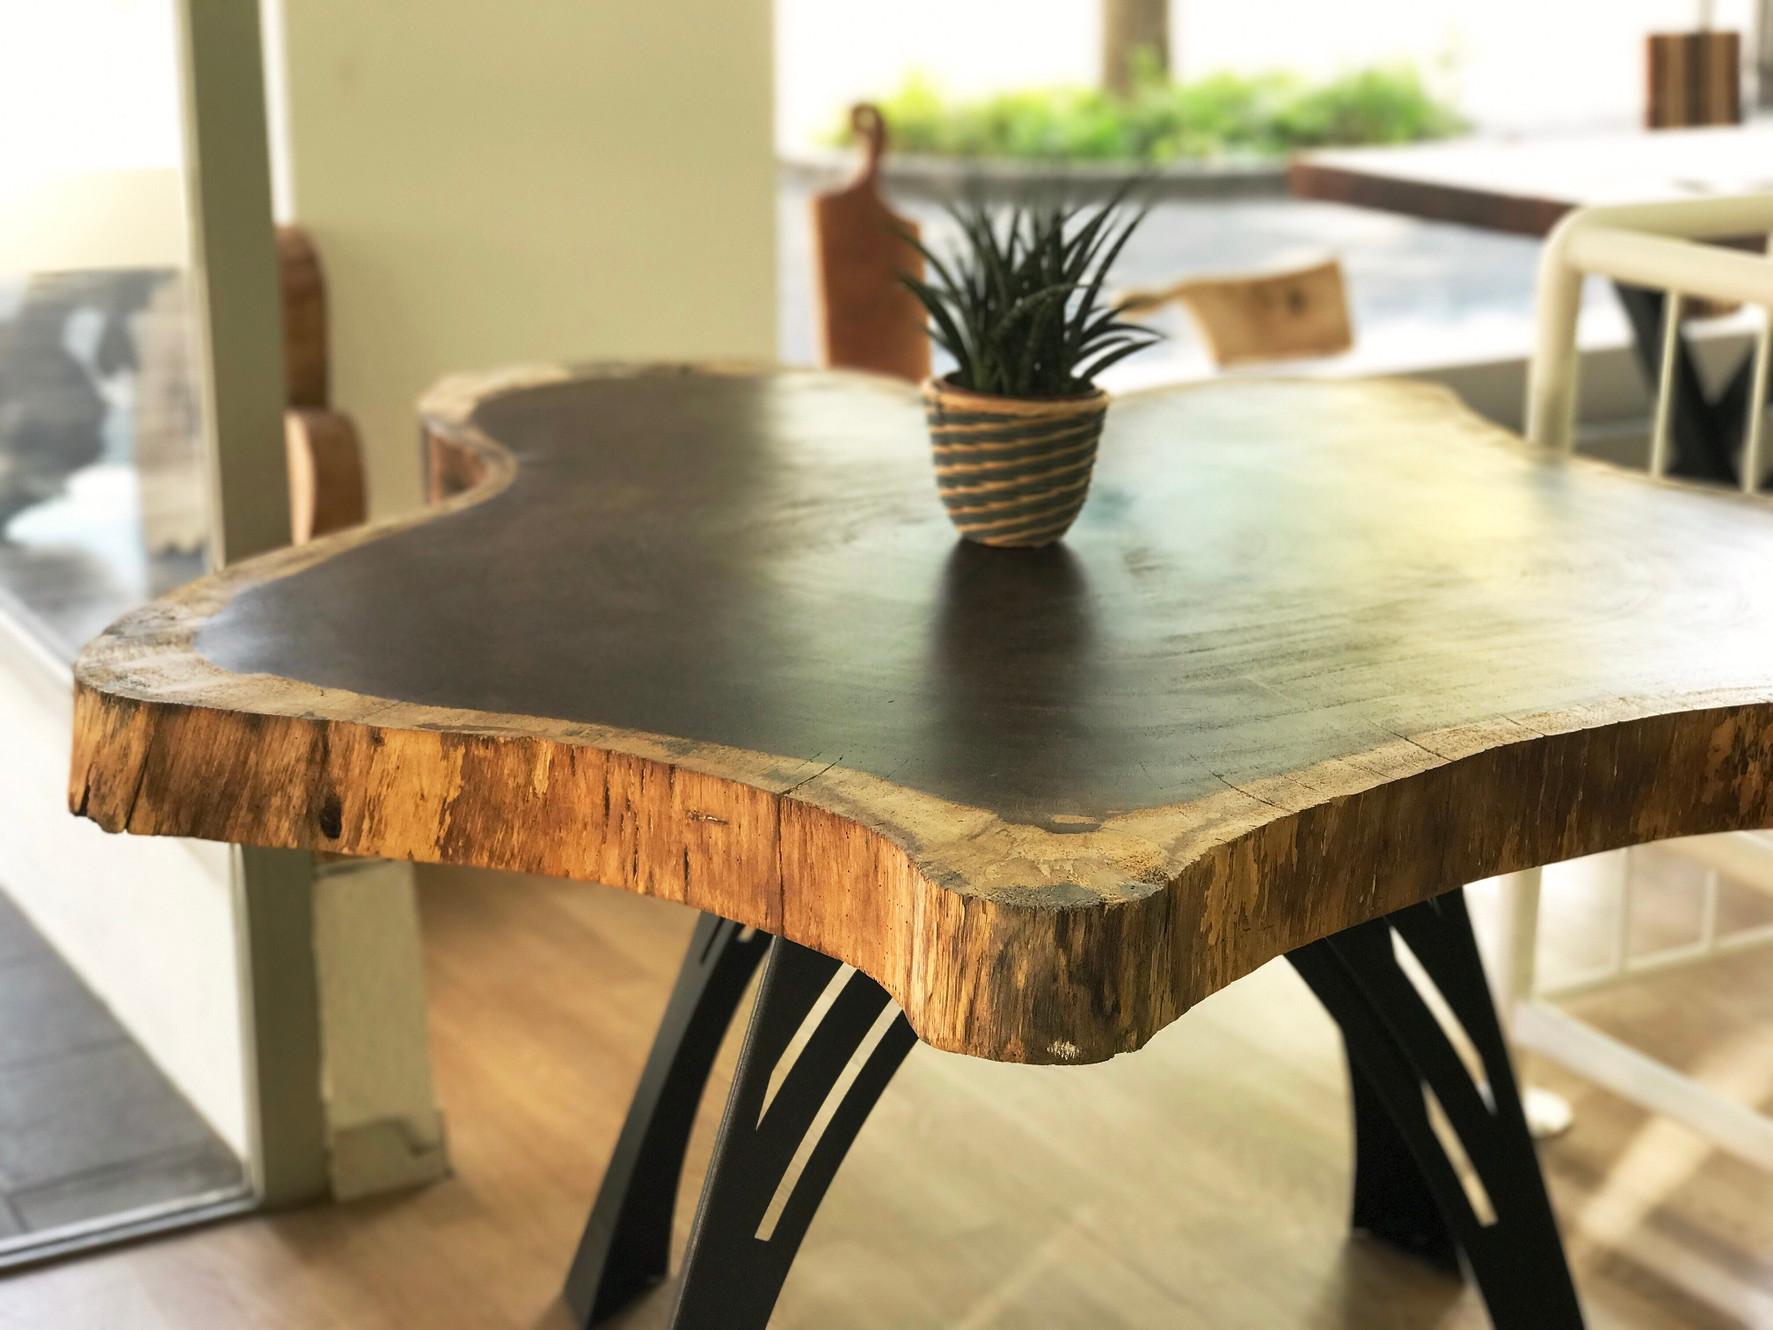 Aufregend Baumscheibe Tisch Bild Von Wohndesign Dekoration